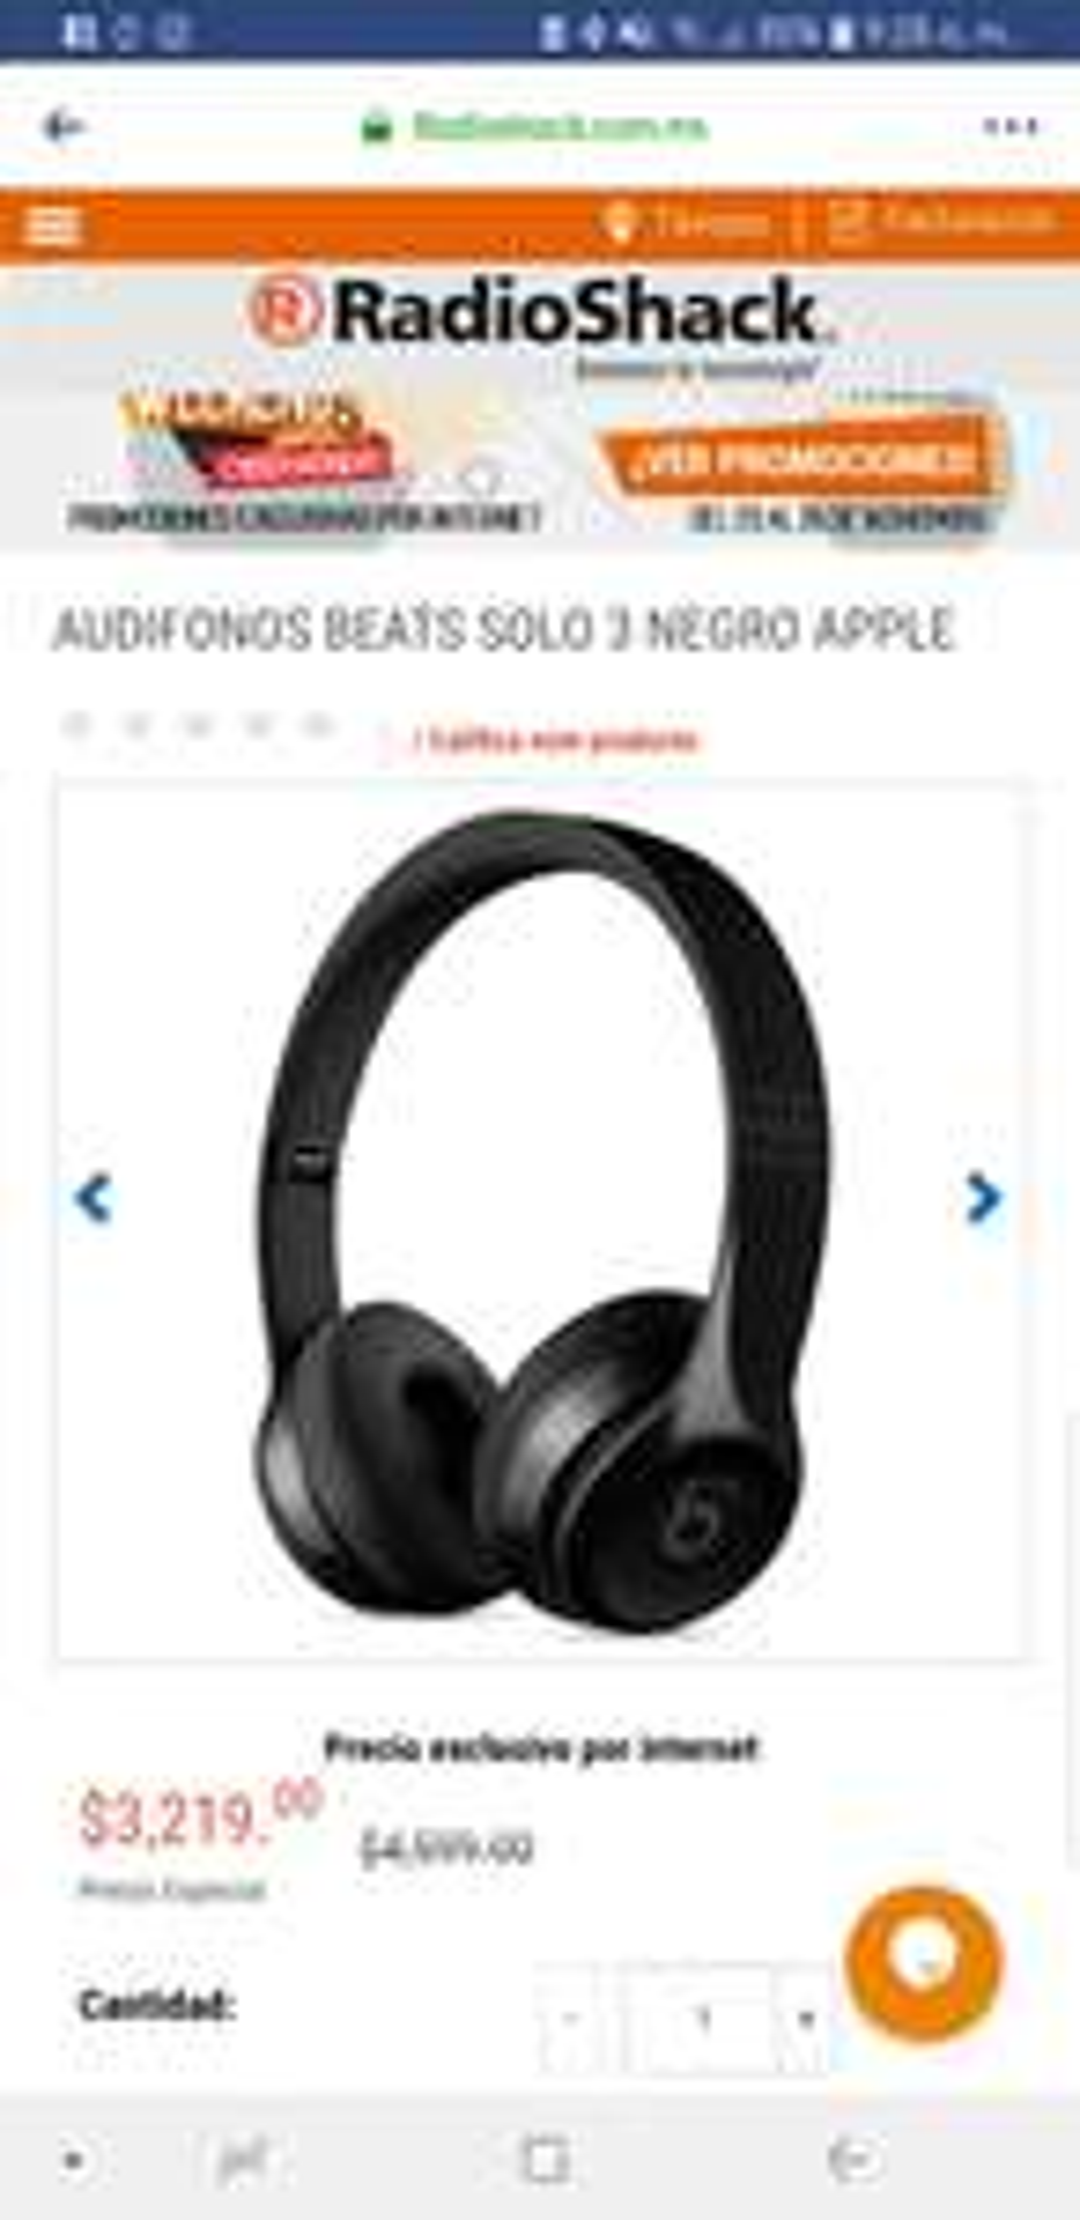 Radioshack: Beats solo 3 negro